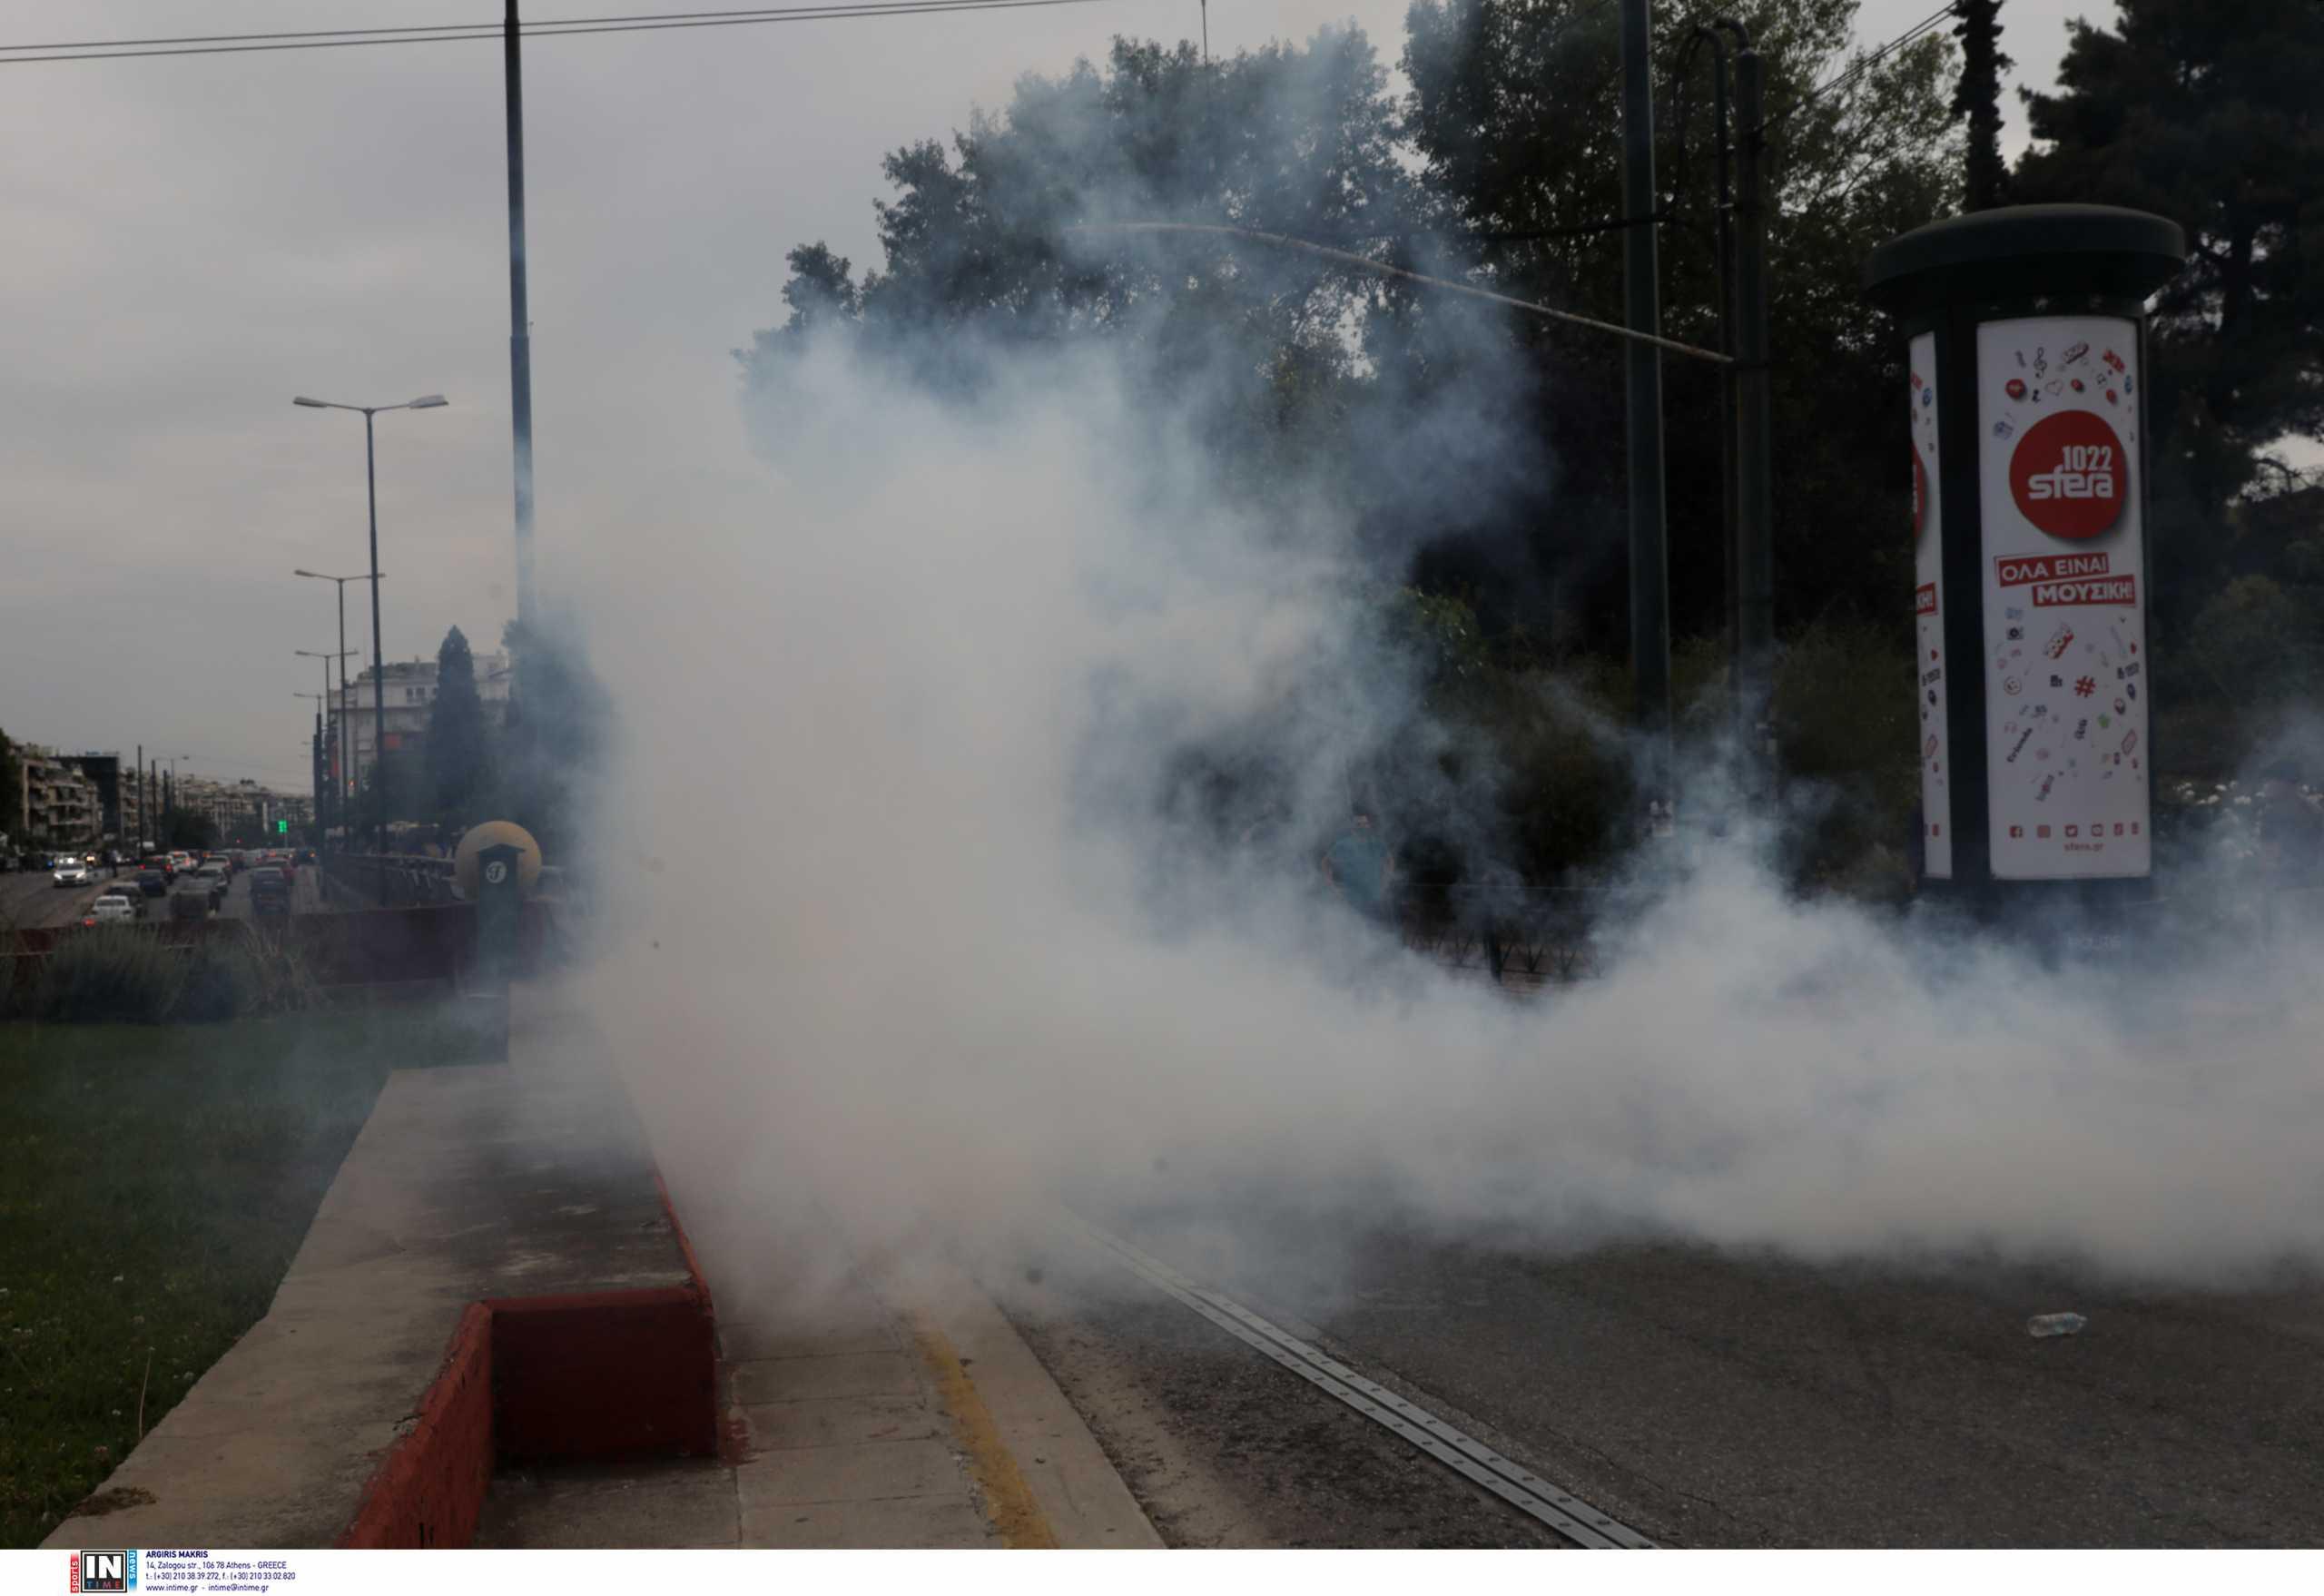 Ένταση και χημικά έξω από την πρεσβεία του Ισραήλ – Μποτιλιάρισμα στην κάθοδο της Κηφισίας